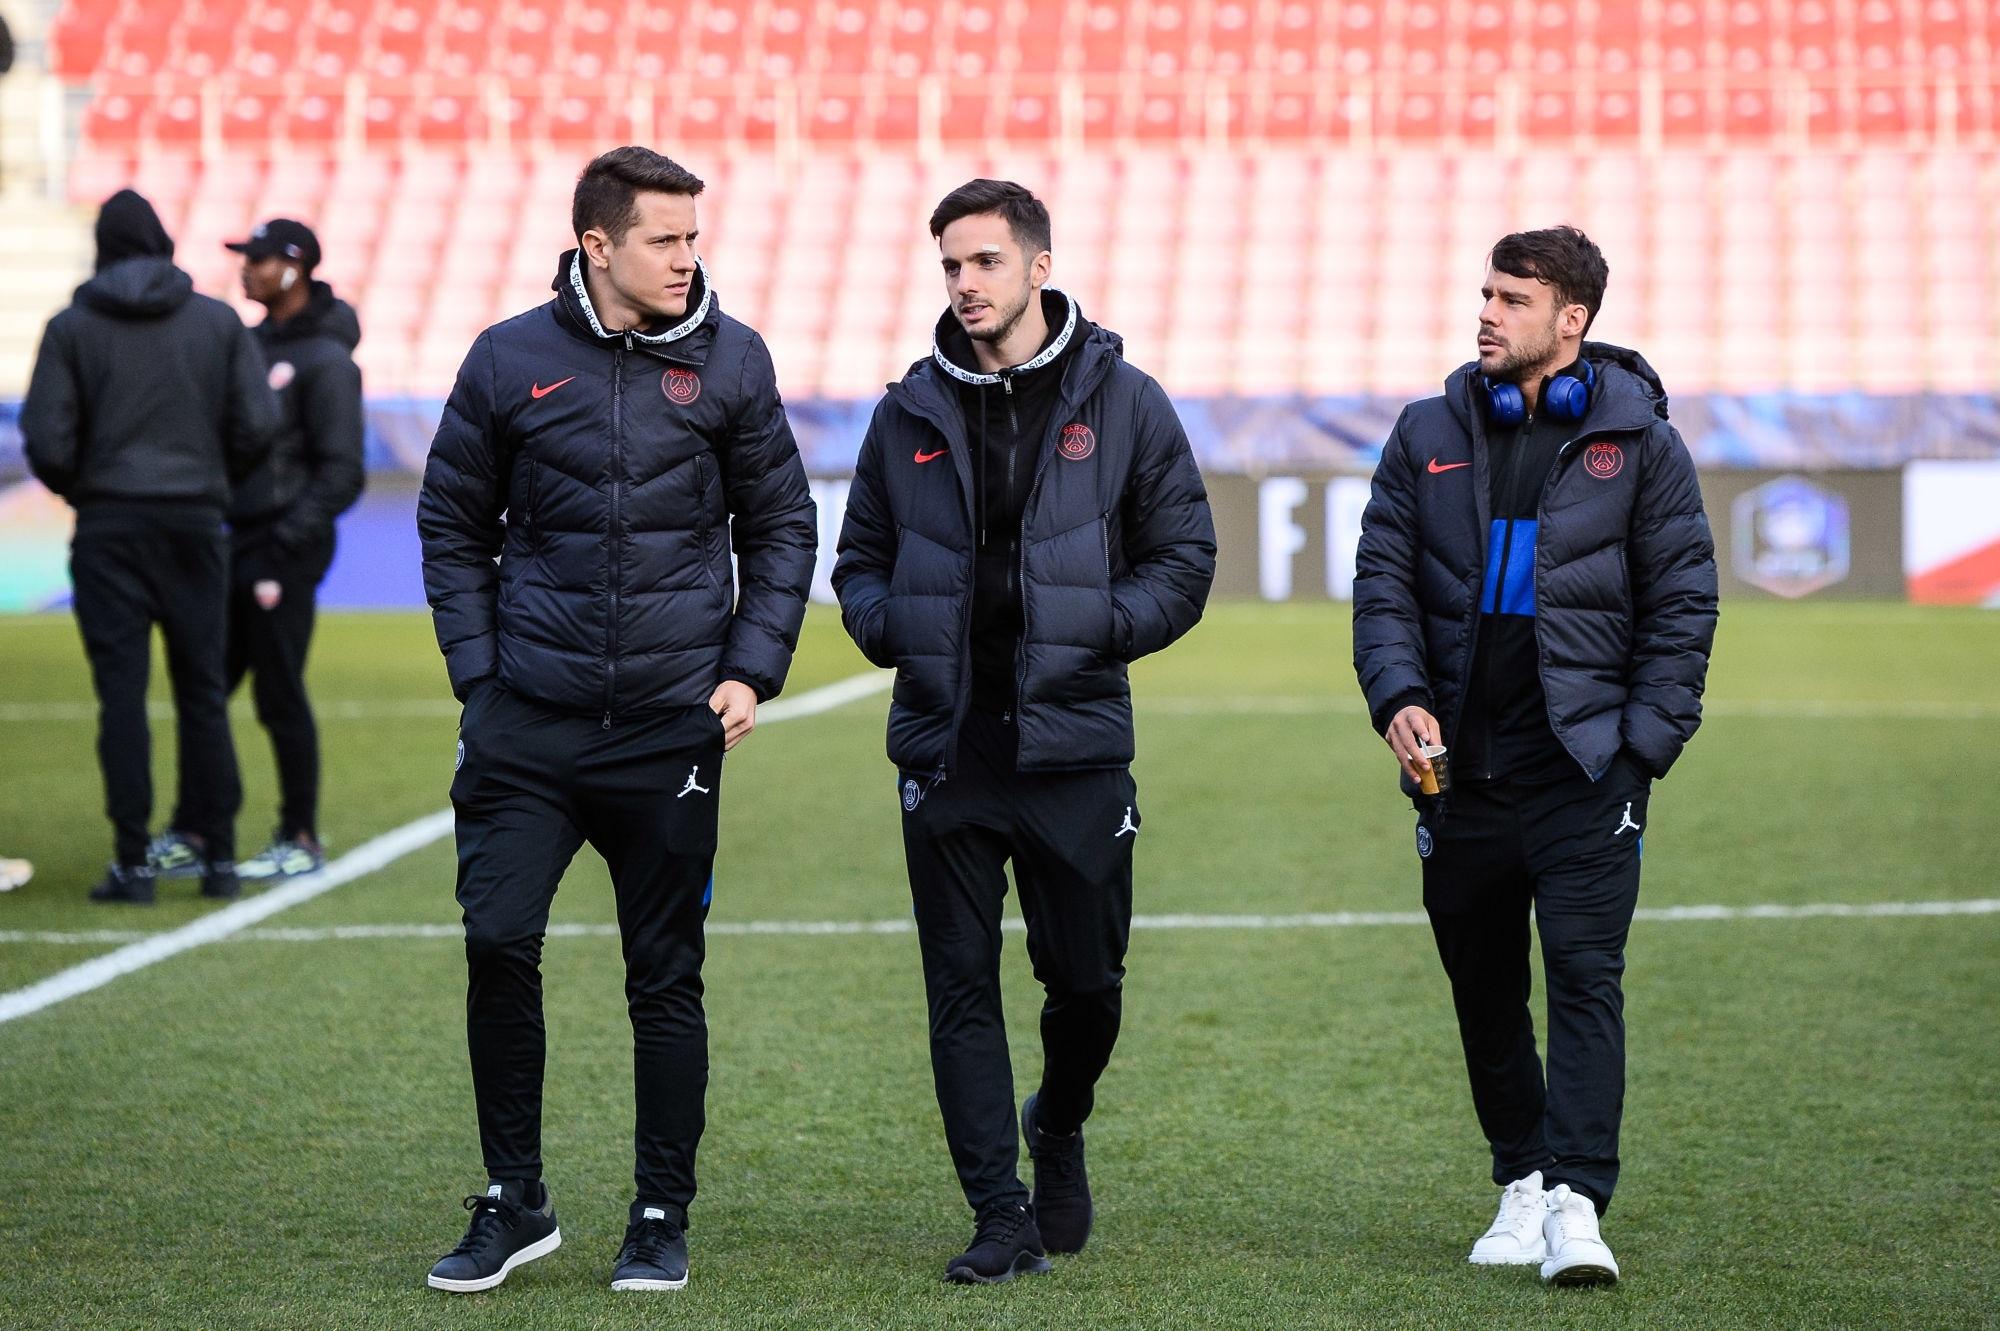 Bernat, Sarabia et Herrera laissés de côté par Luis Enrique pour la trêve de septembre